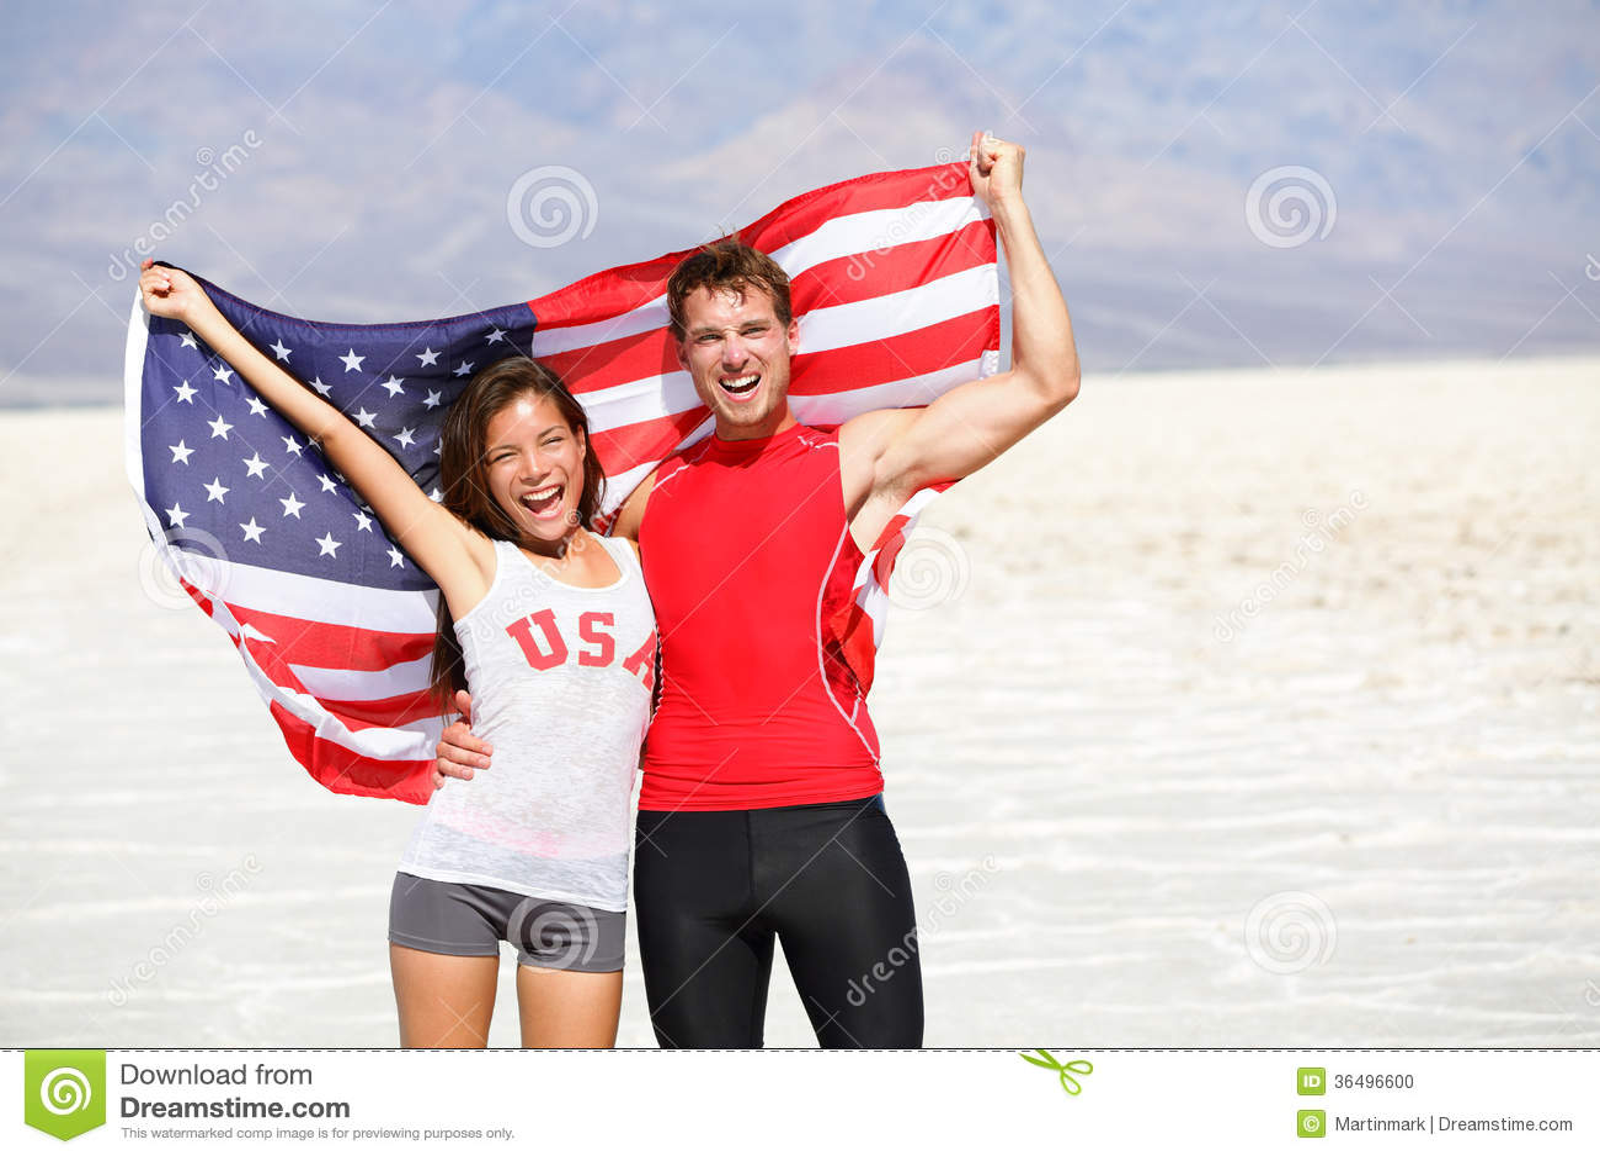 USA-Athletenleute, die das Zujubeln der amerikanischen Flagge halten